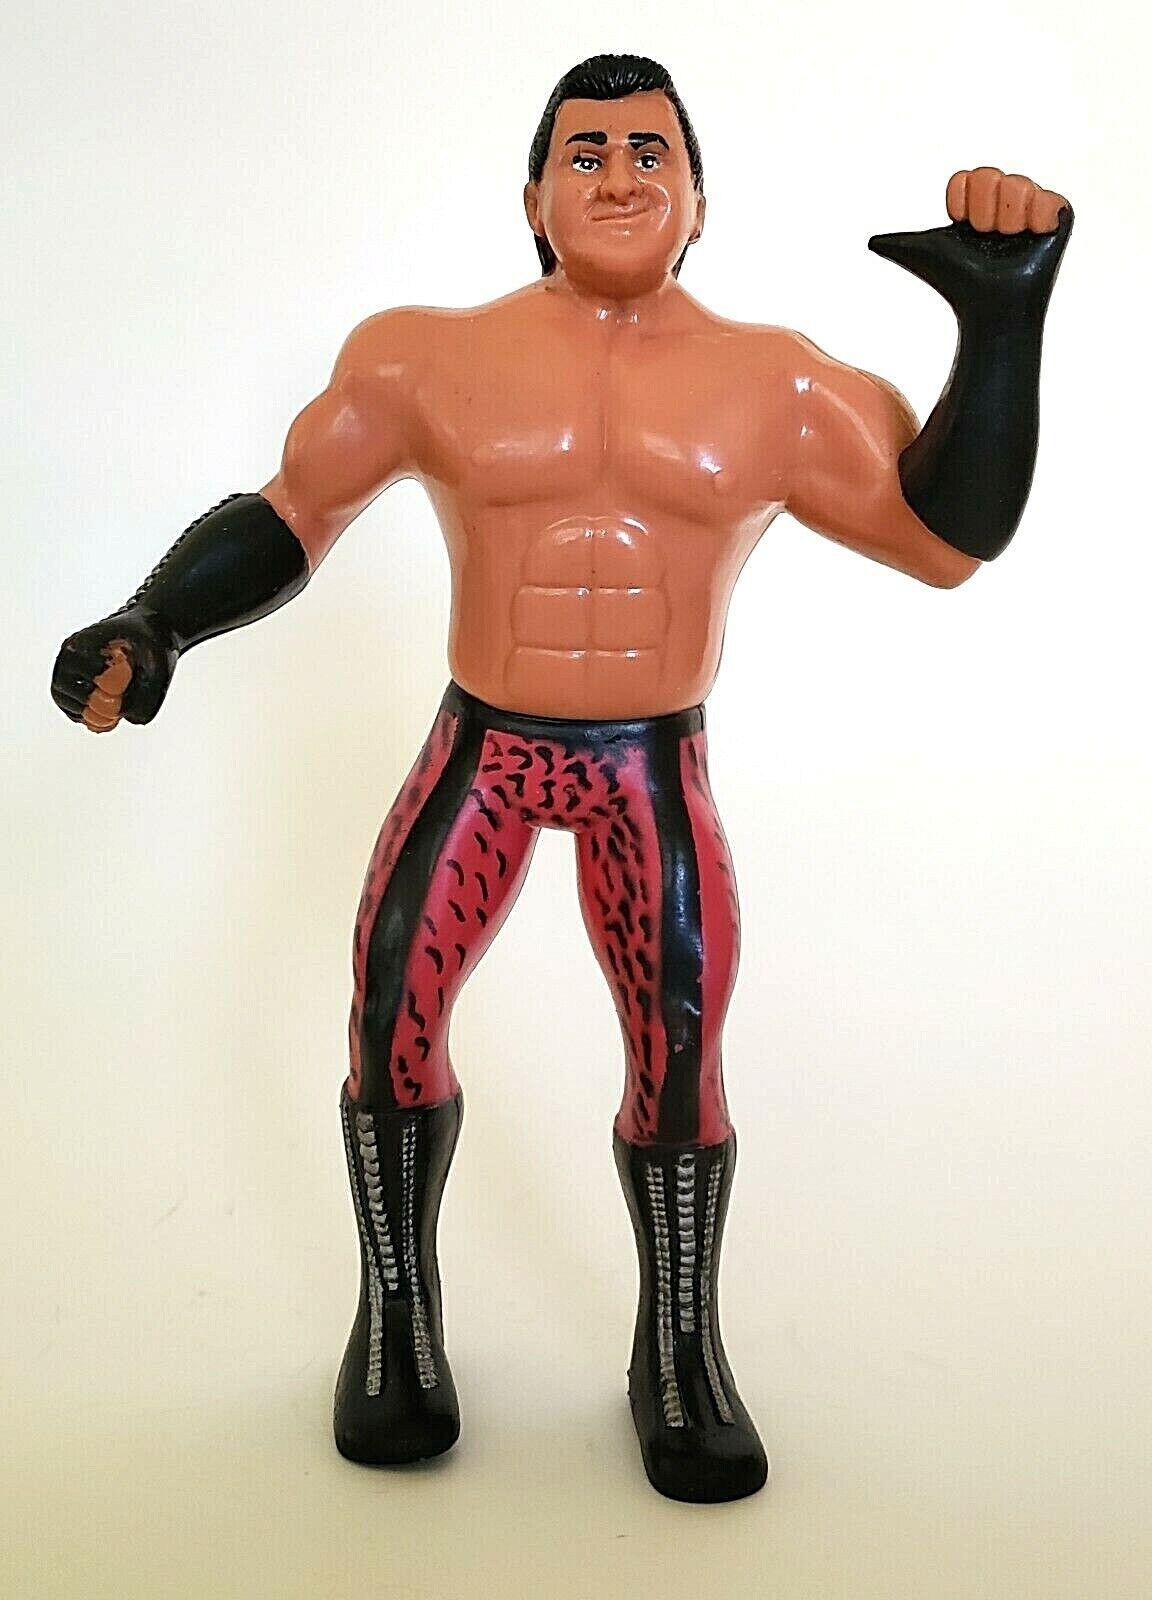 Brutus Ljn Titan Sports de pastel de Cochene 1985 figura lucha libre WWF lucha libre figura